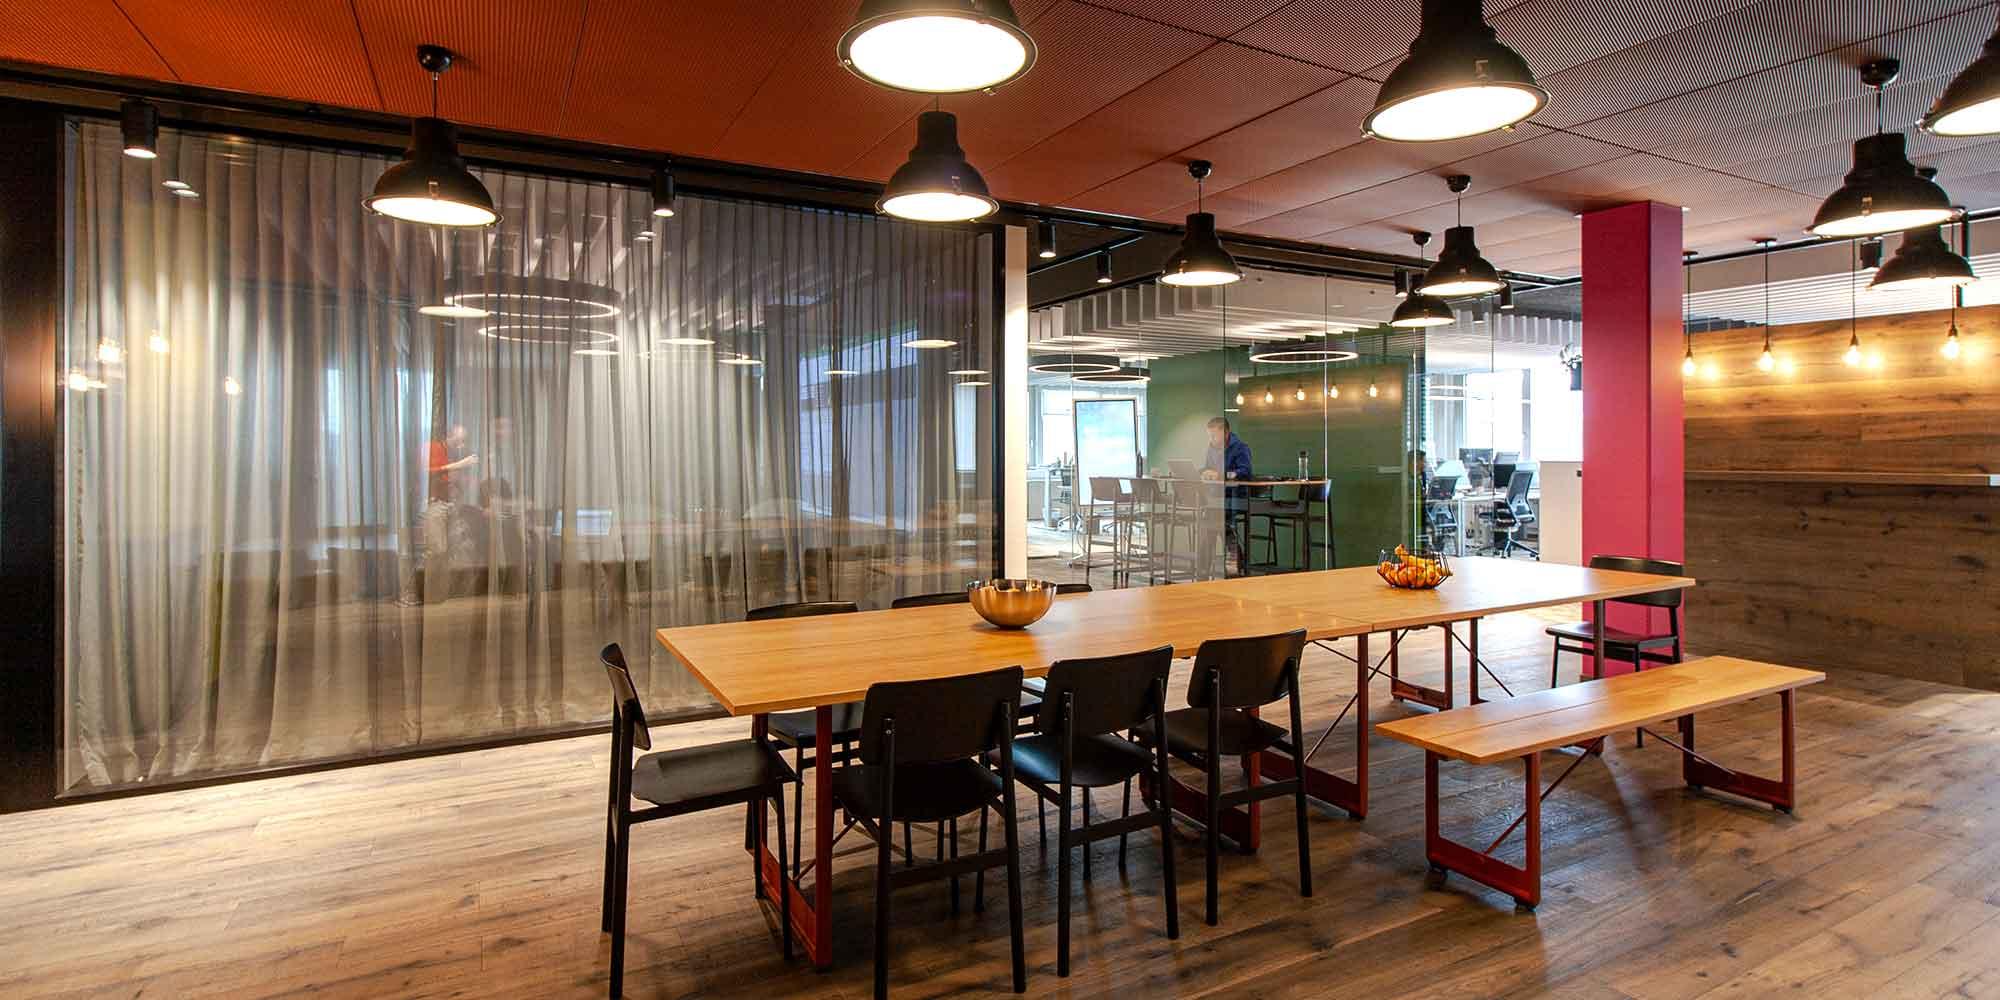 Die Sitzungsräume der Axept sind mit eleganten Pendelleuchten im industry-look und mit vintage filament Leuchtmittel